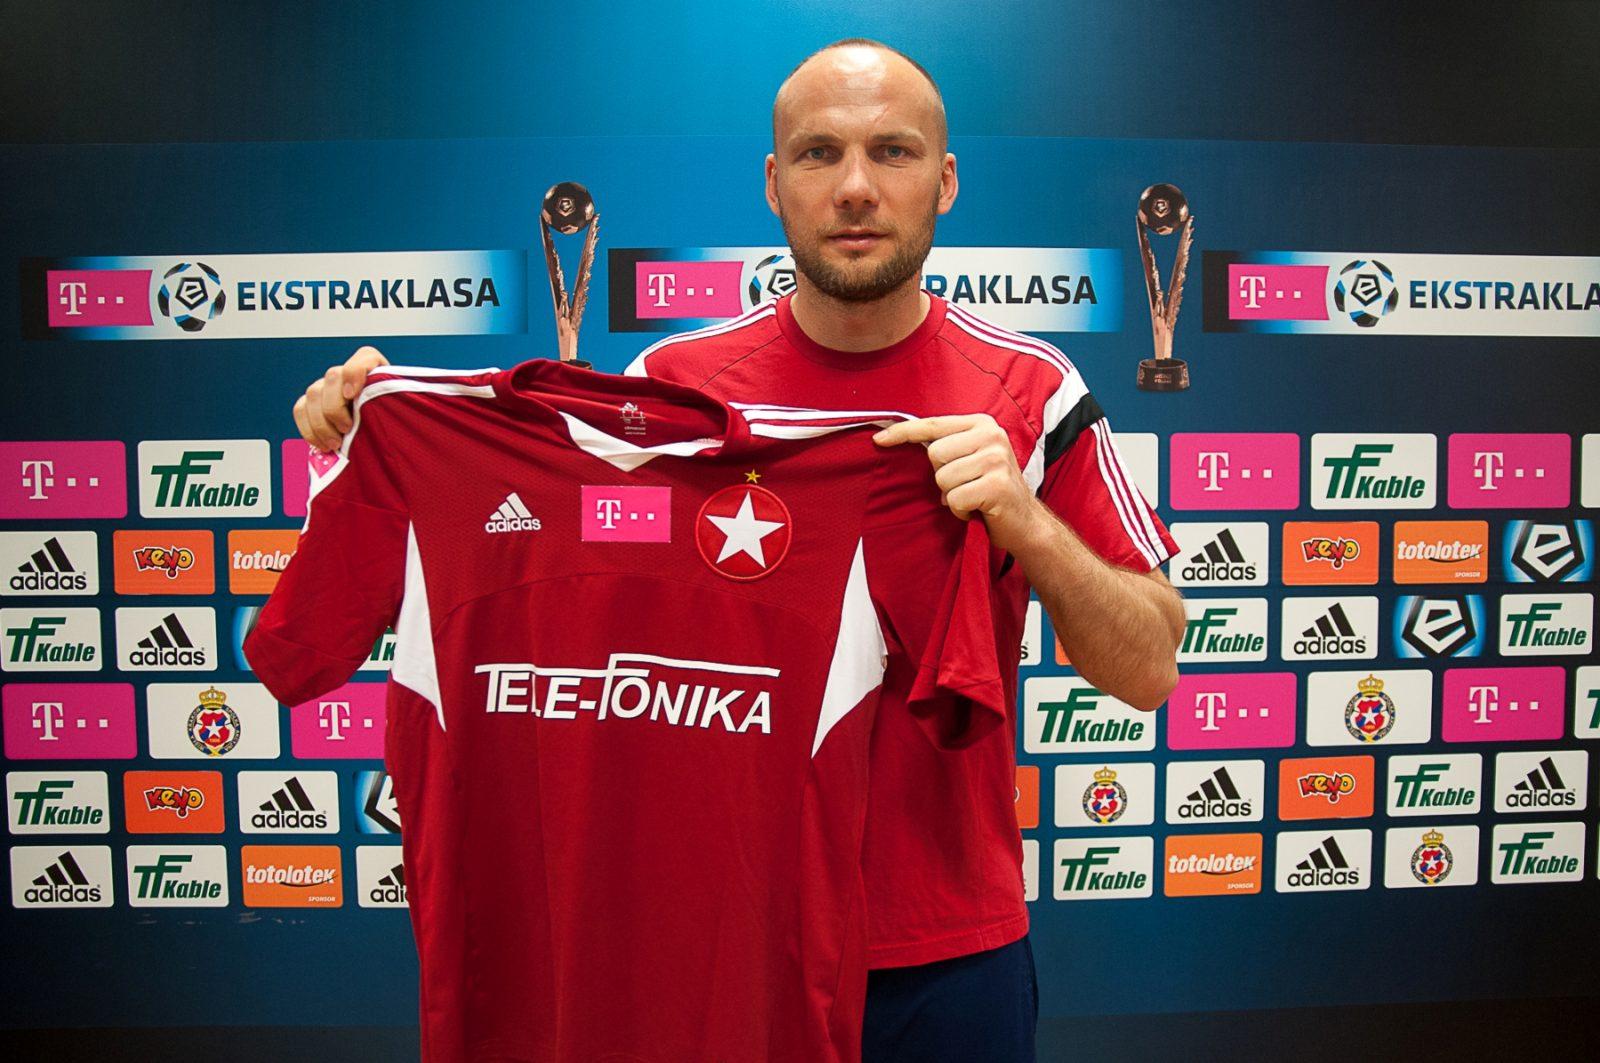 gwiazdka na koszulce Wisła Kraków